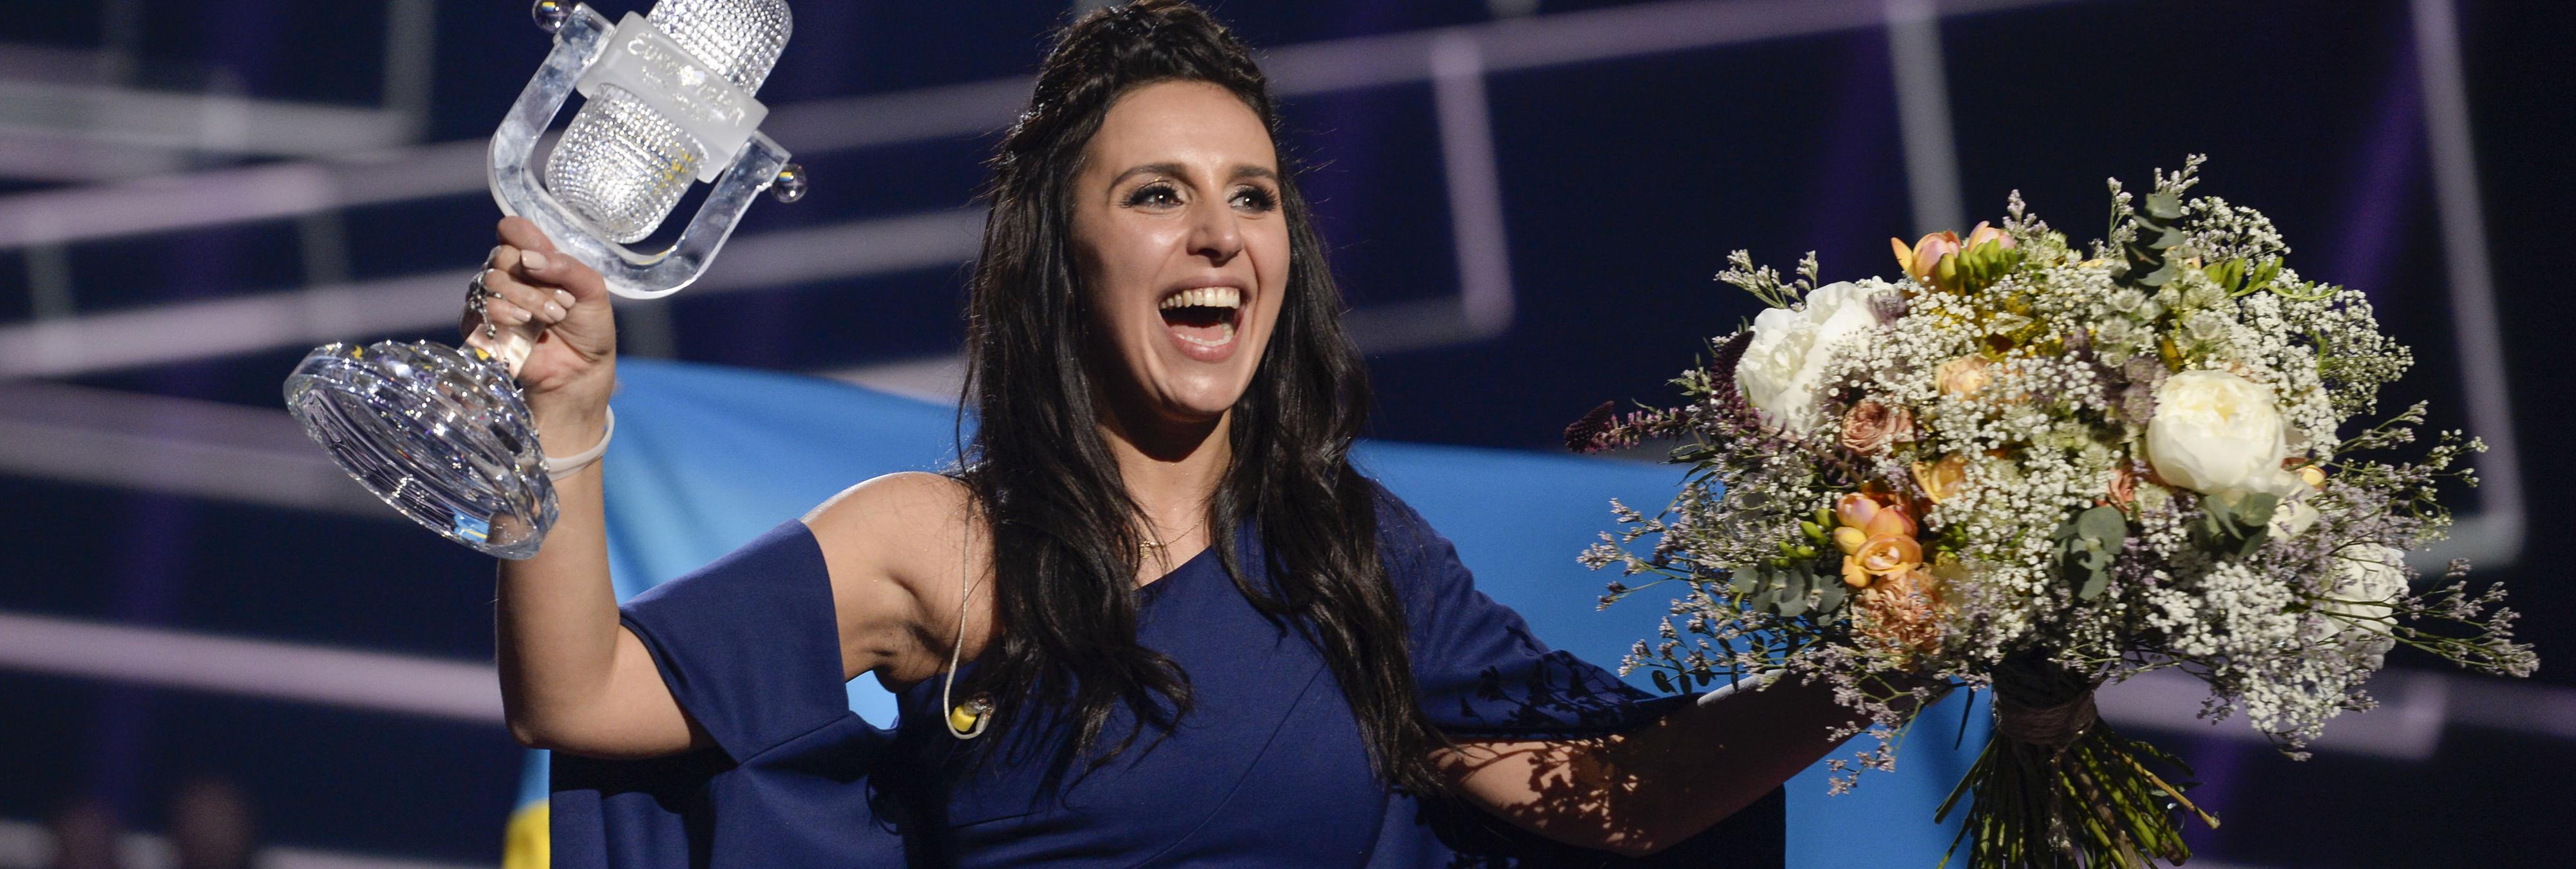 Eurovisión mantiene la victoria de Ucrania a pesar de que su canción es anterior a la fecha establecida